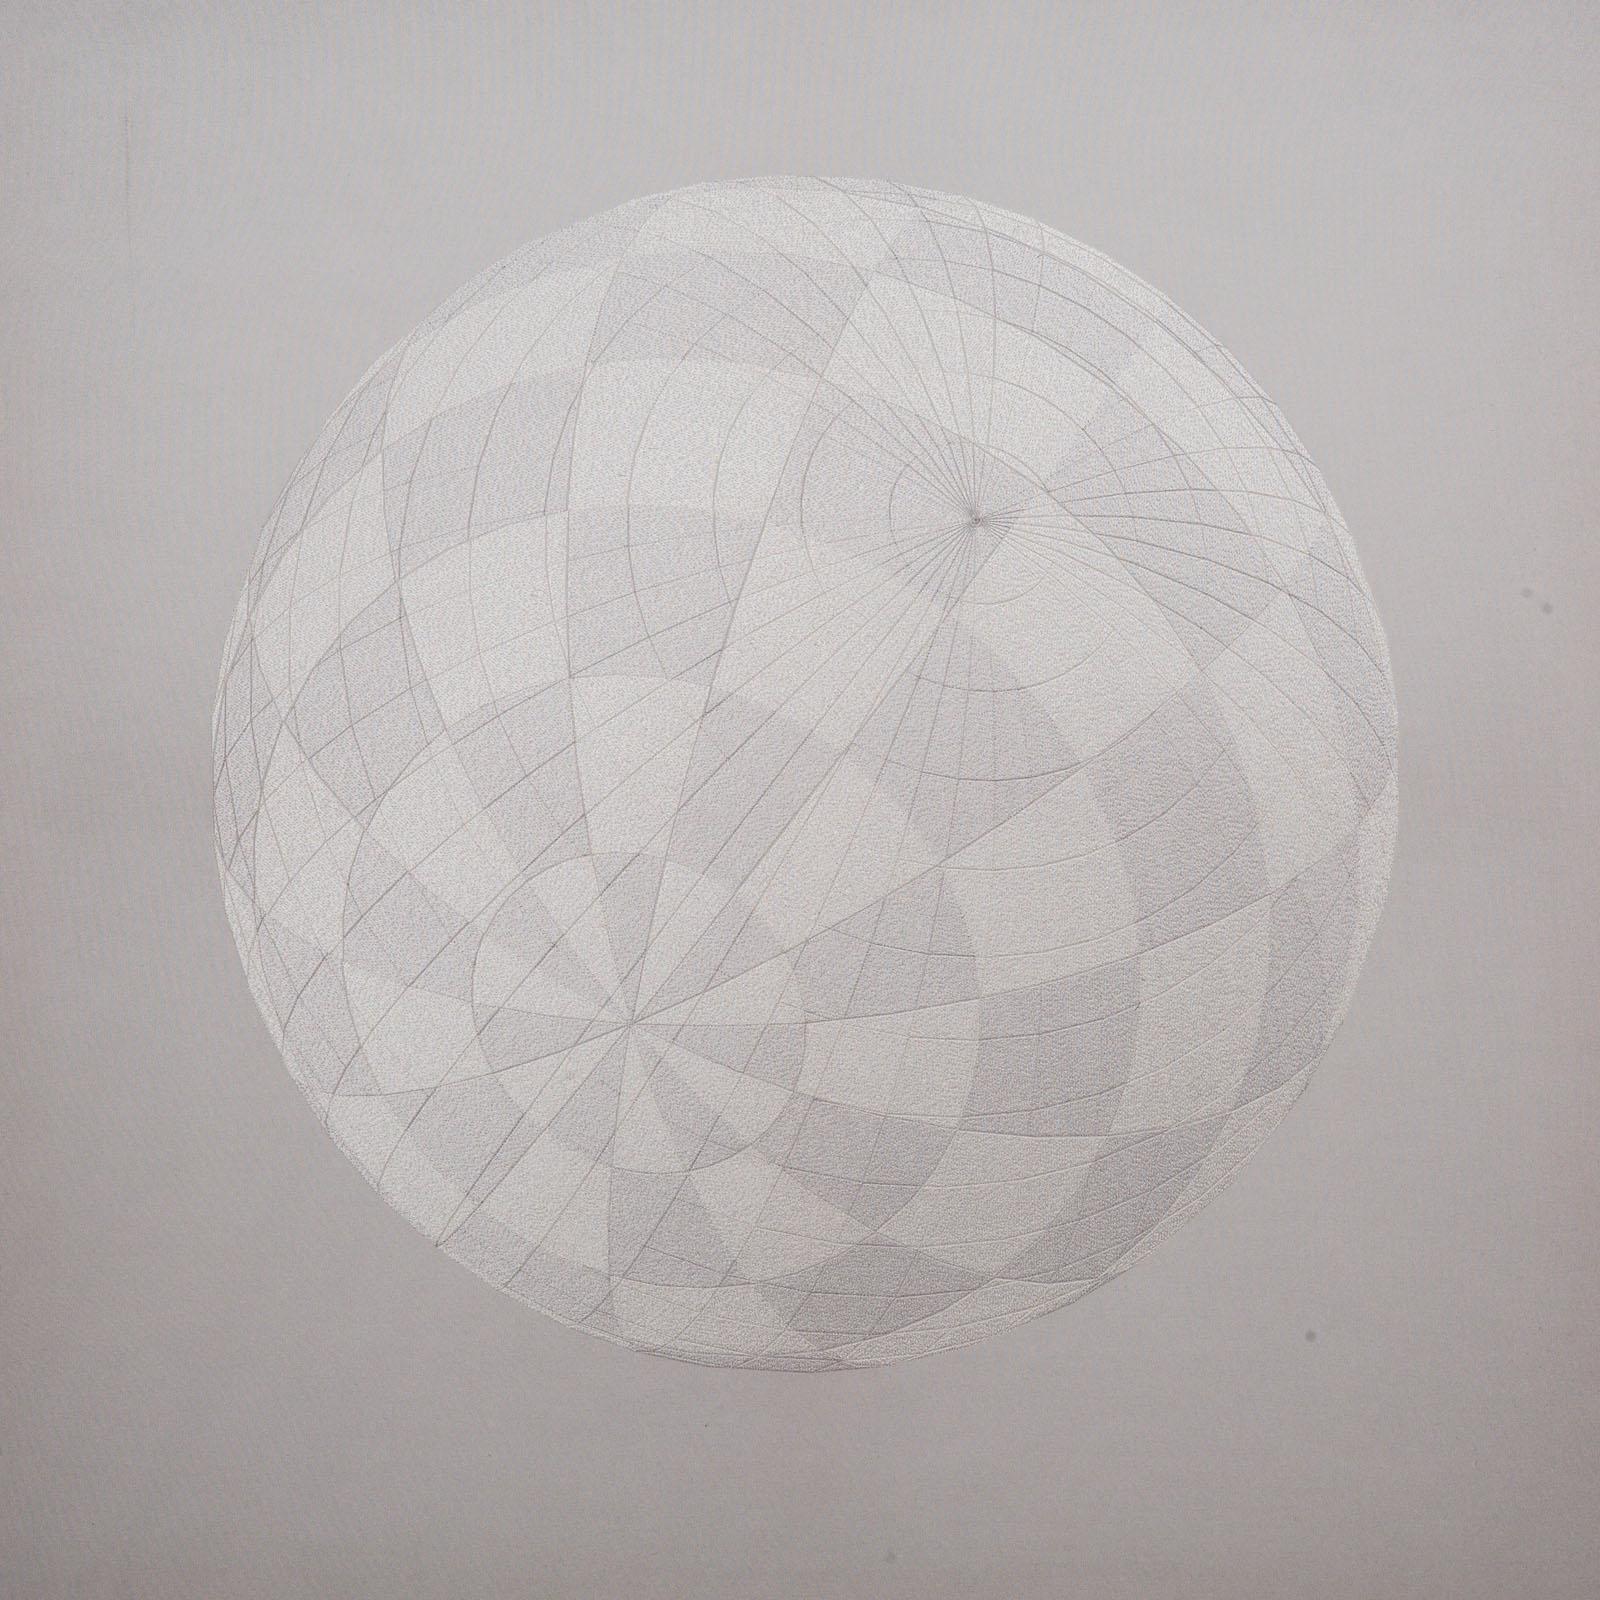 Sphere Centered_crop.jpg